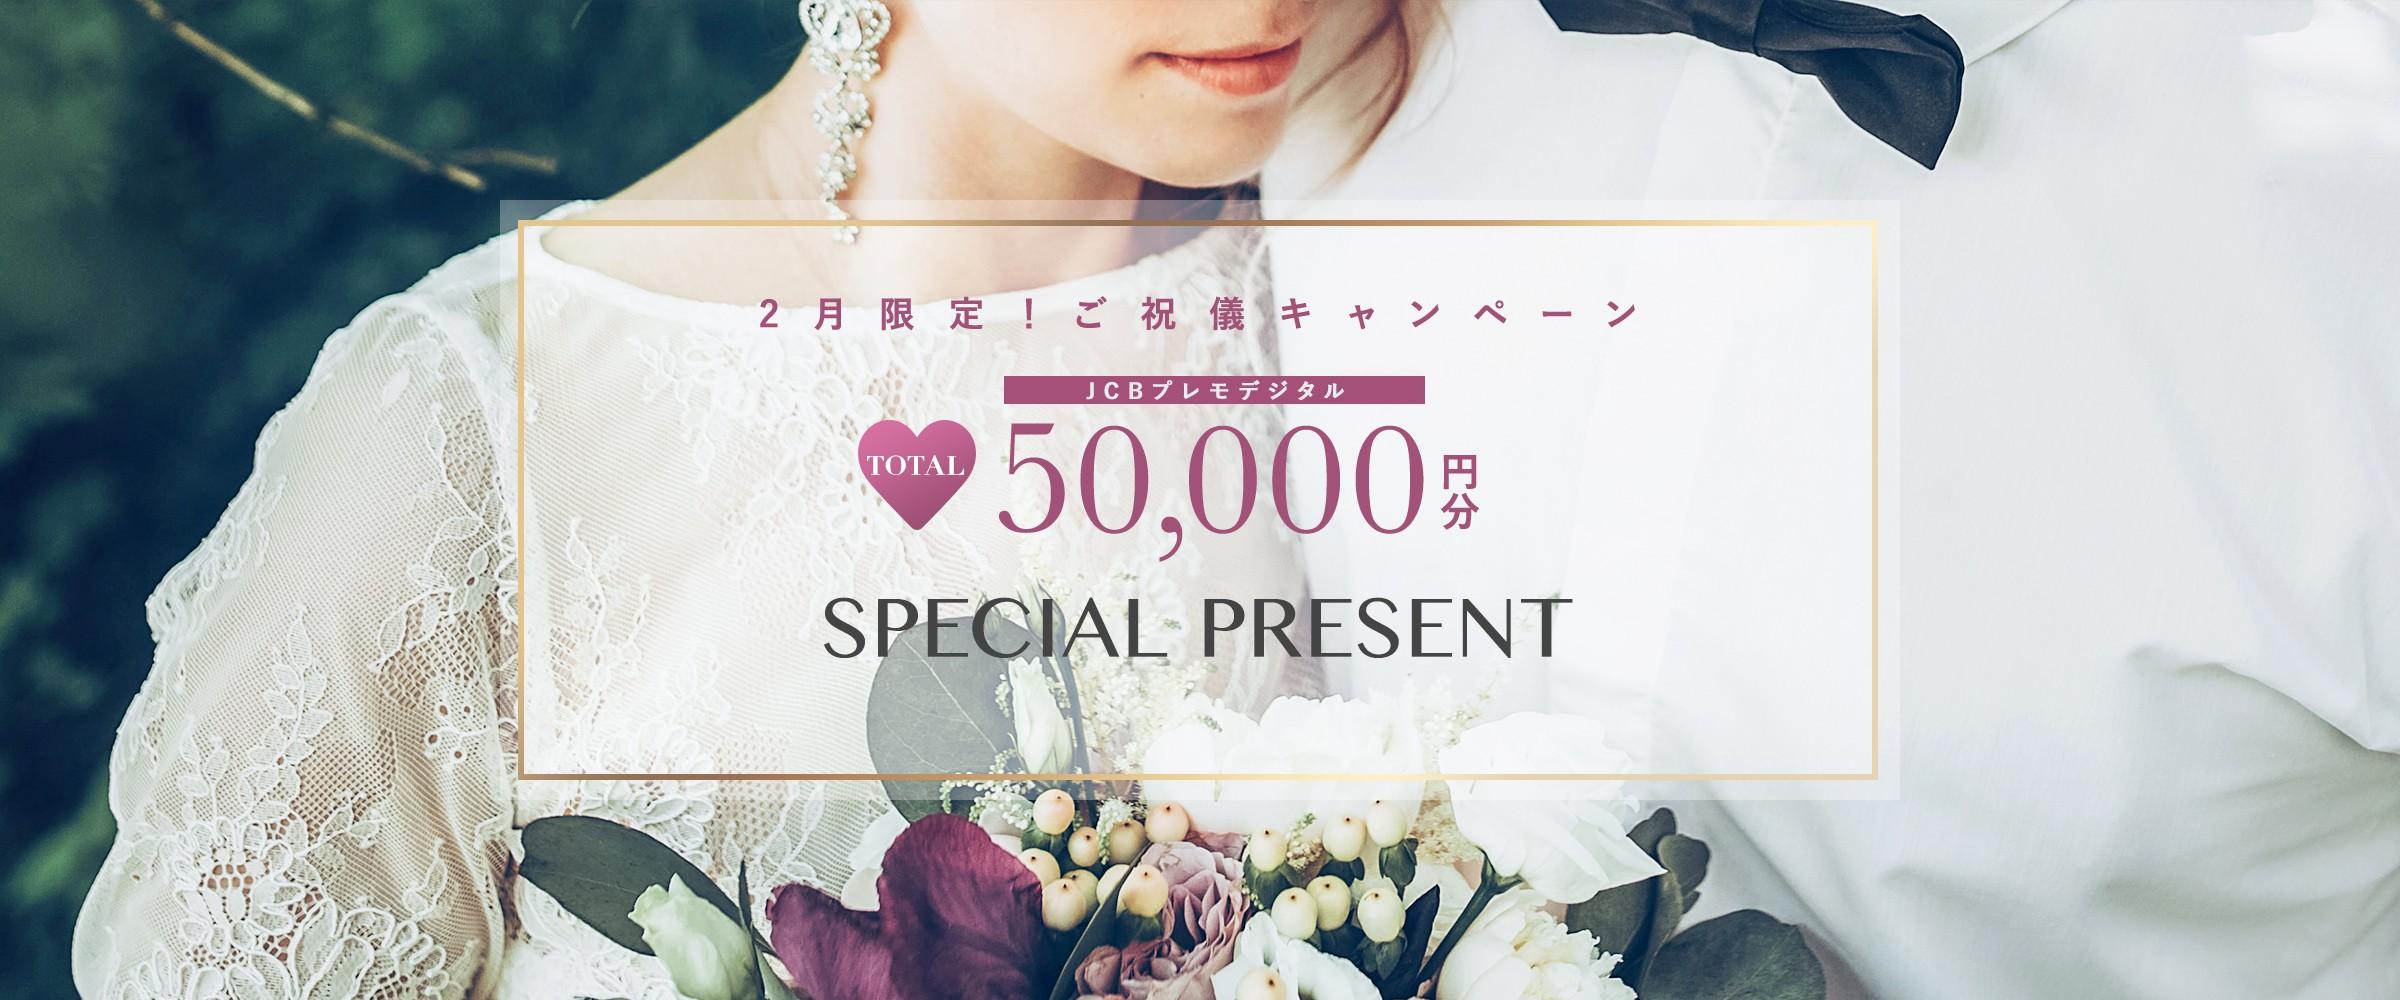 2月限定!ご祝儀キャンペーン最大50,000分JCBプレモデジタルSPECIAL PRESENT